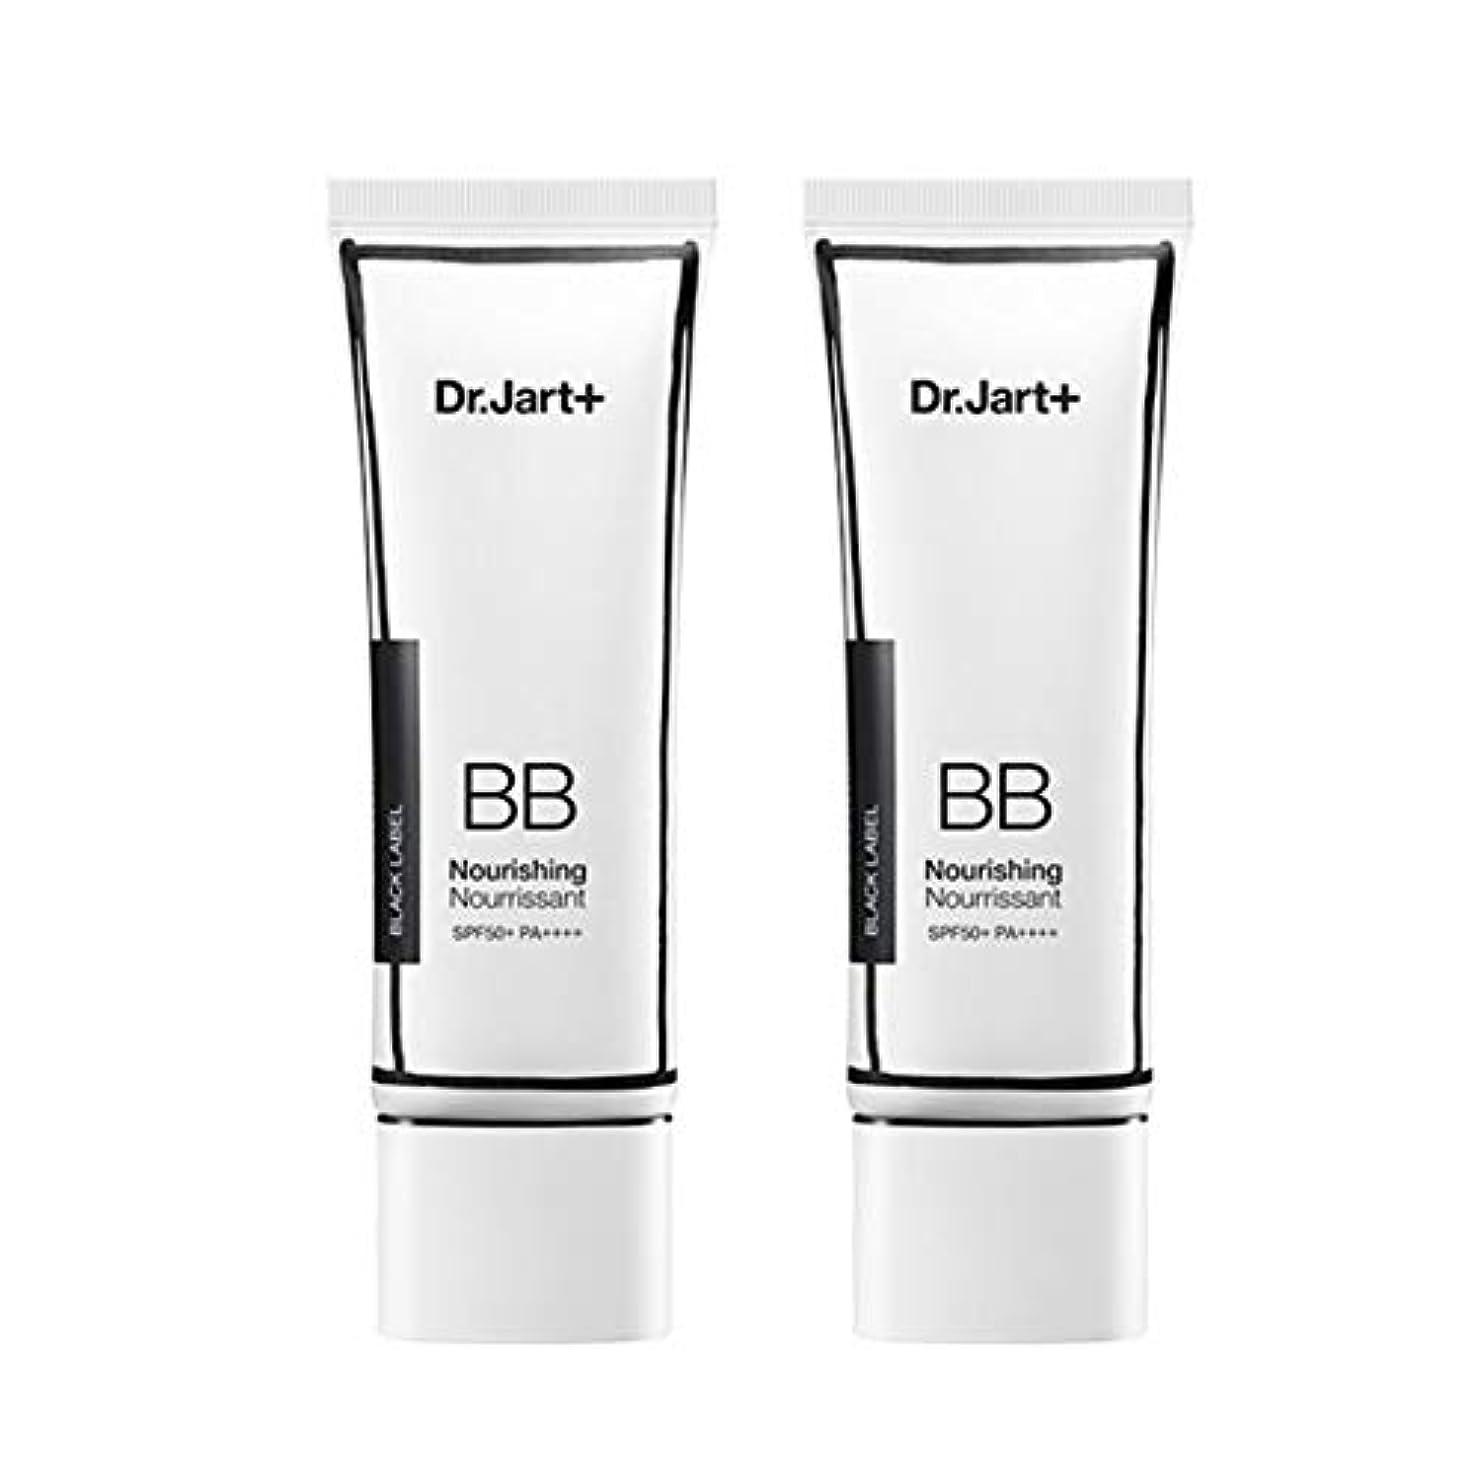 そっと梨医師ドクタージャルトゥザメイクアップノリシンビューティーbalm 50ml x 2本セットBBクリーム、Dr.Jart Dermakeup Nourishing Beauty Balm 50ml x 2ea Set BB Cream...